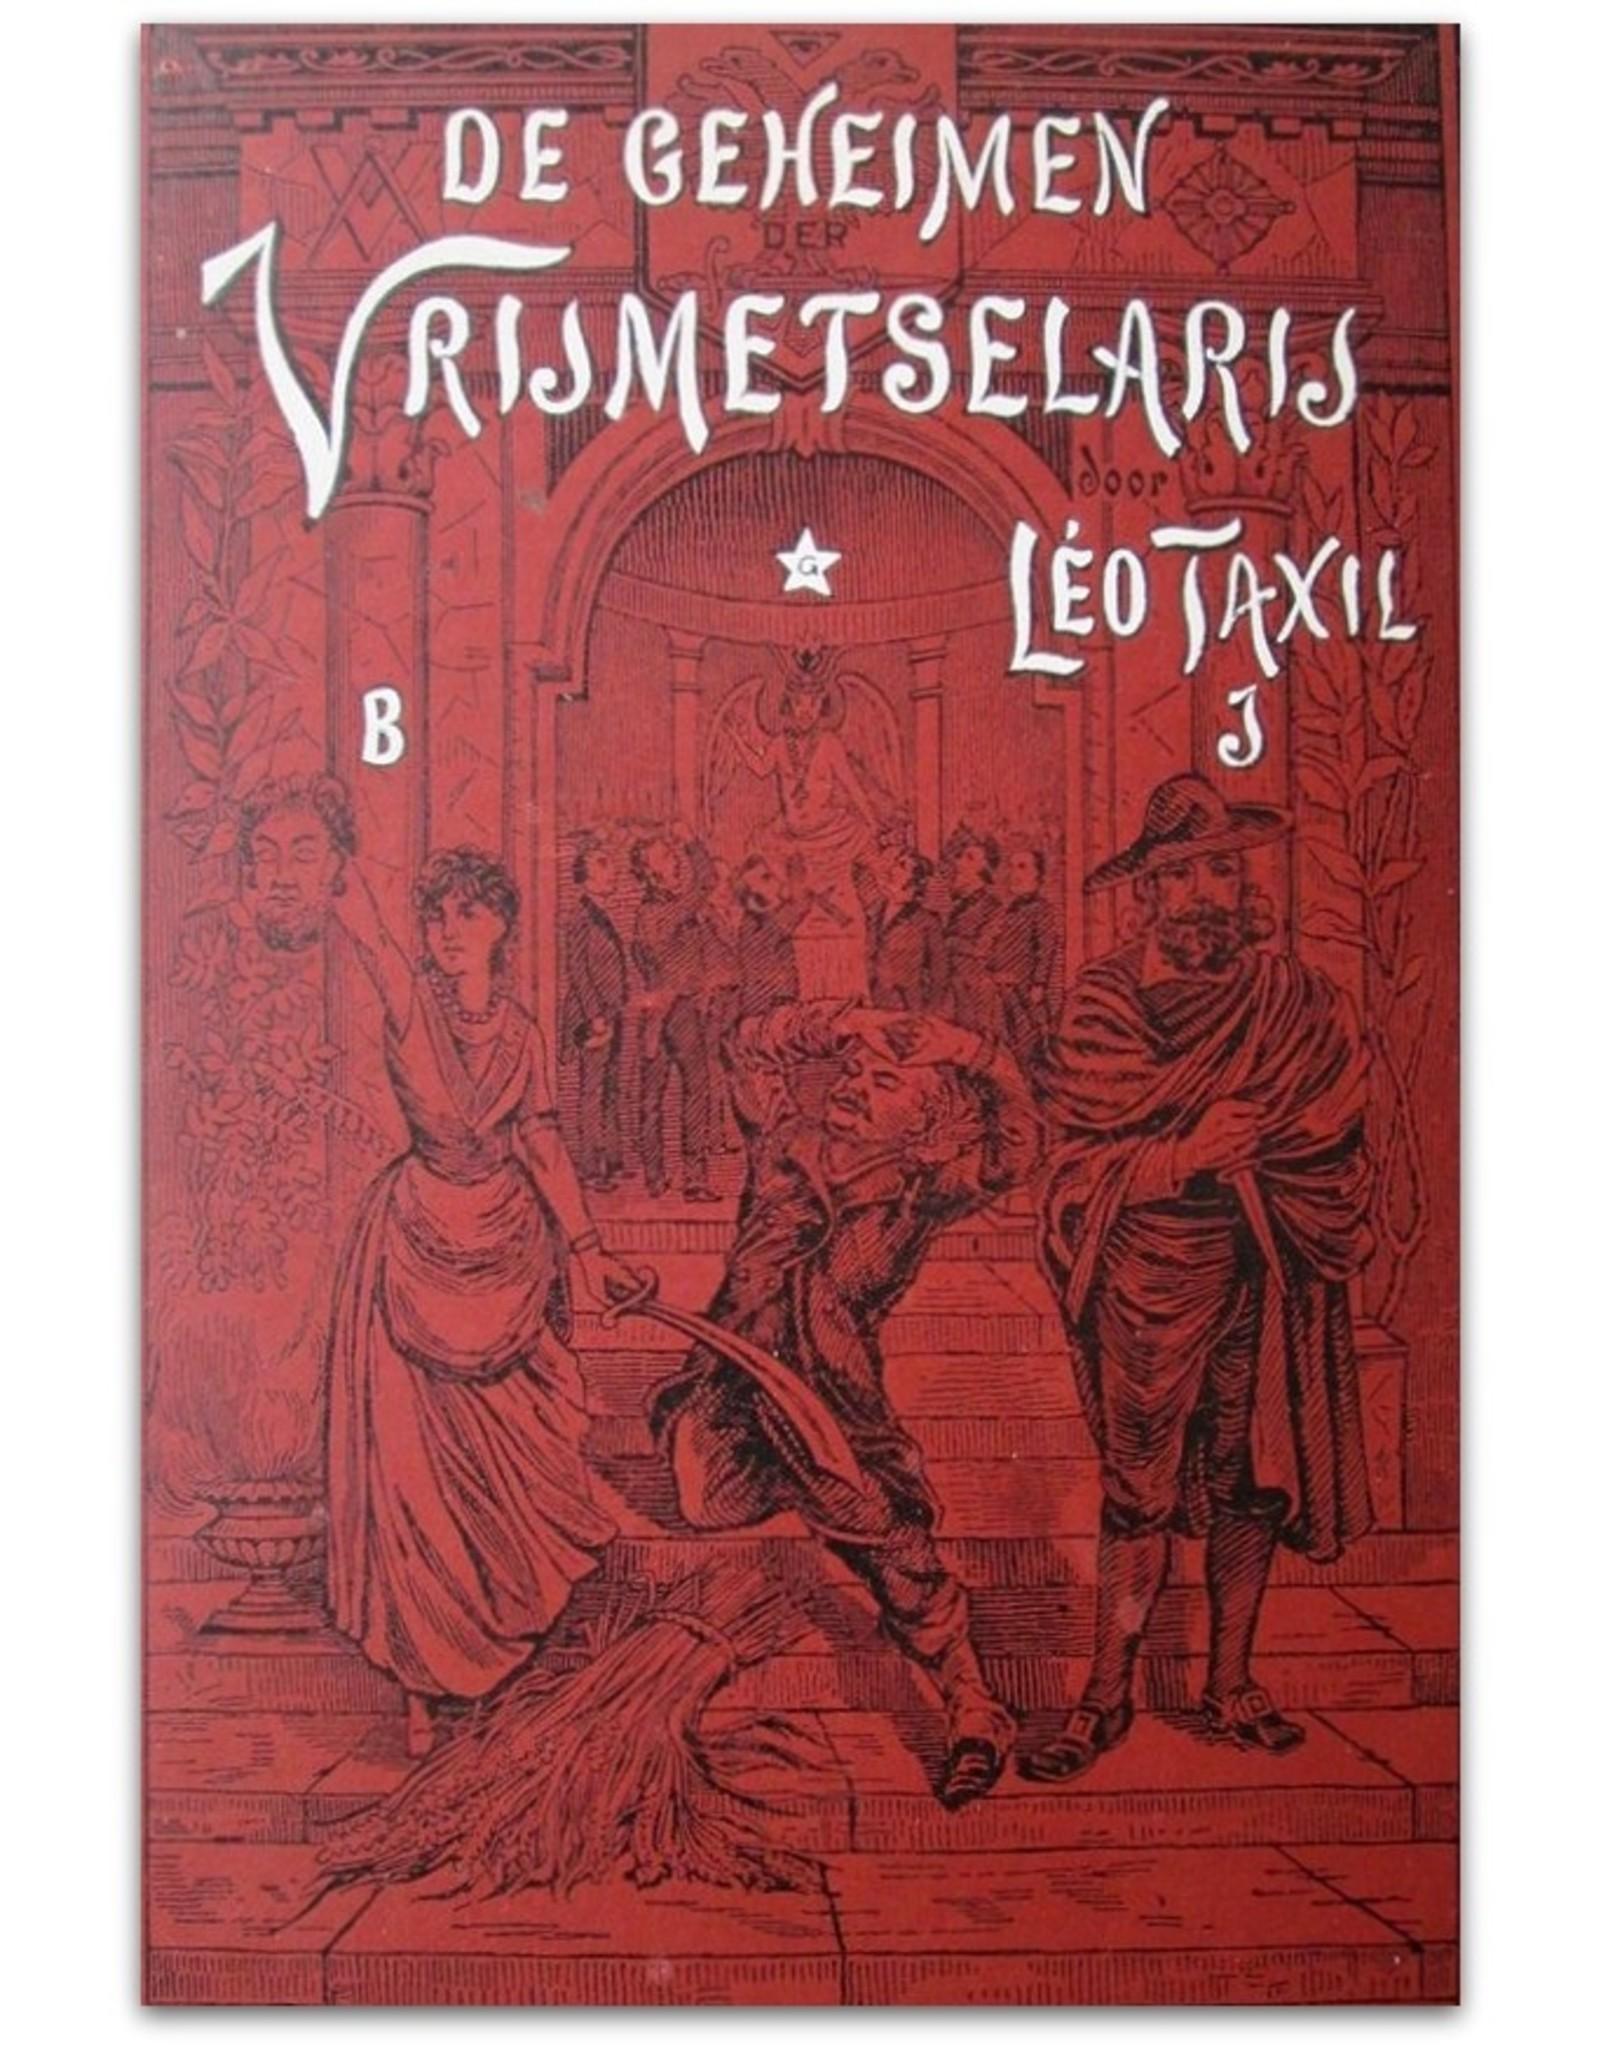 Leo Taxil - De geheimen der Vrijmetselarij: Ontsluierd door Leo Taxil. Voor Nederland bewerkt en voorzien van een aanhangsel over de Nederlandsche Vrijmetselarij [...]